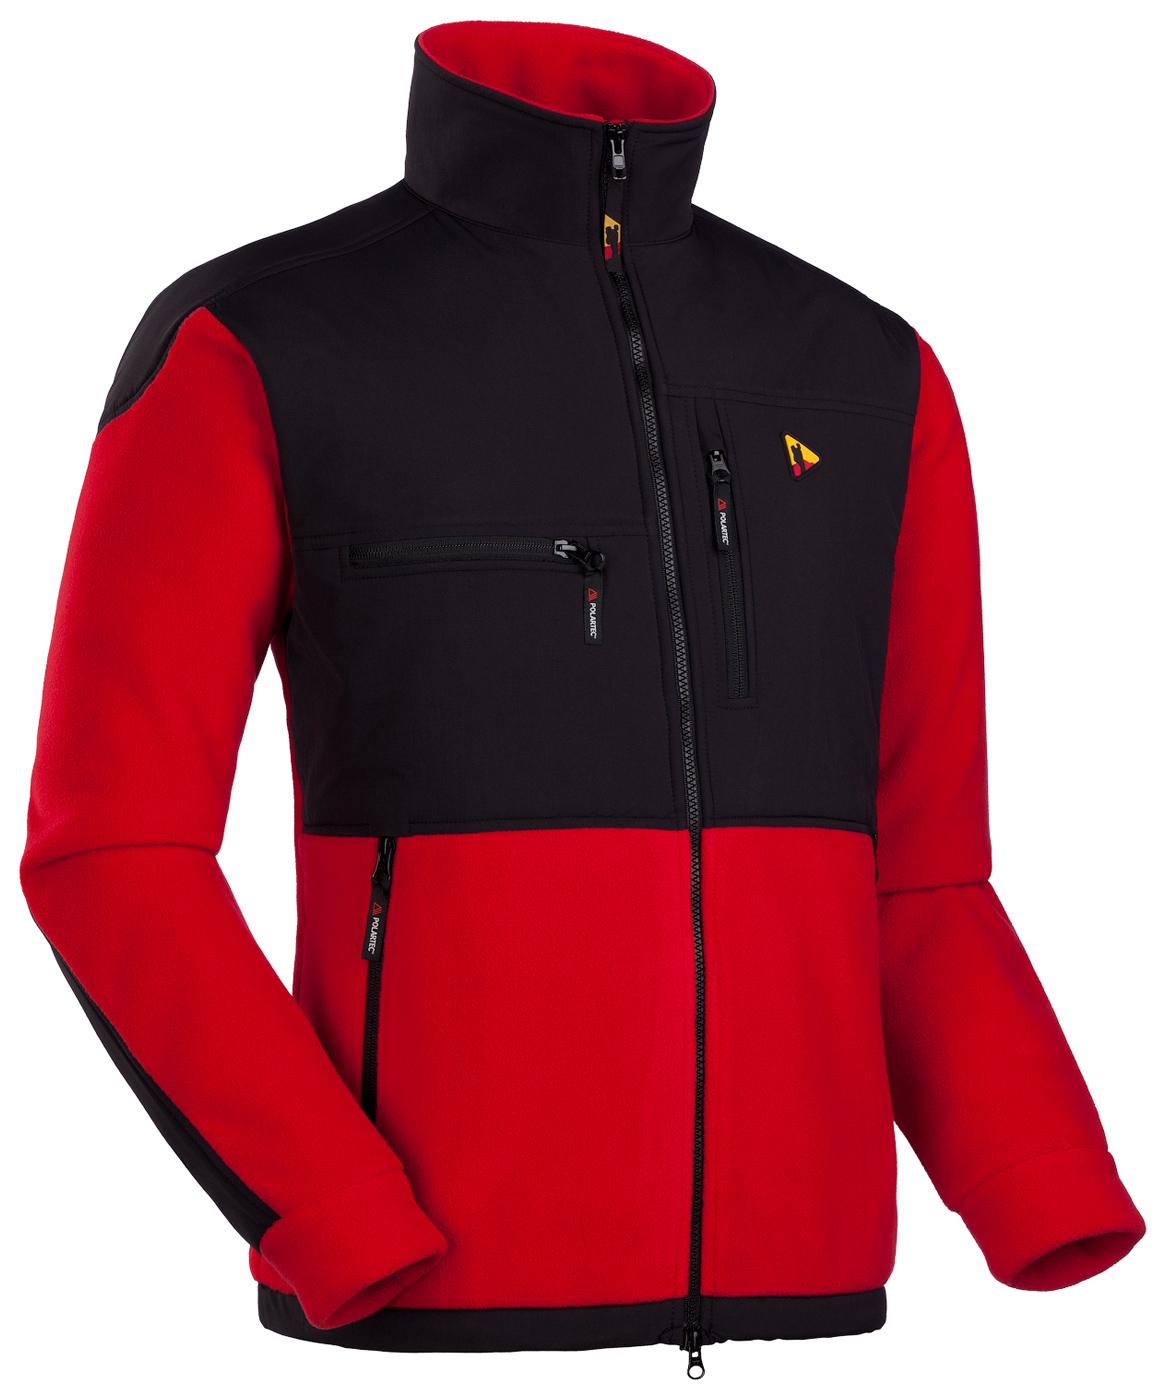 Куртка мужская Bask Stewart V2, красная, XL INT